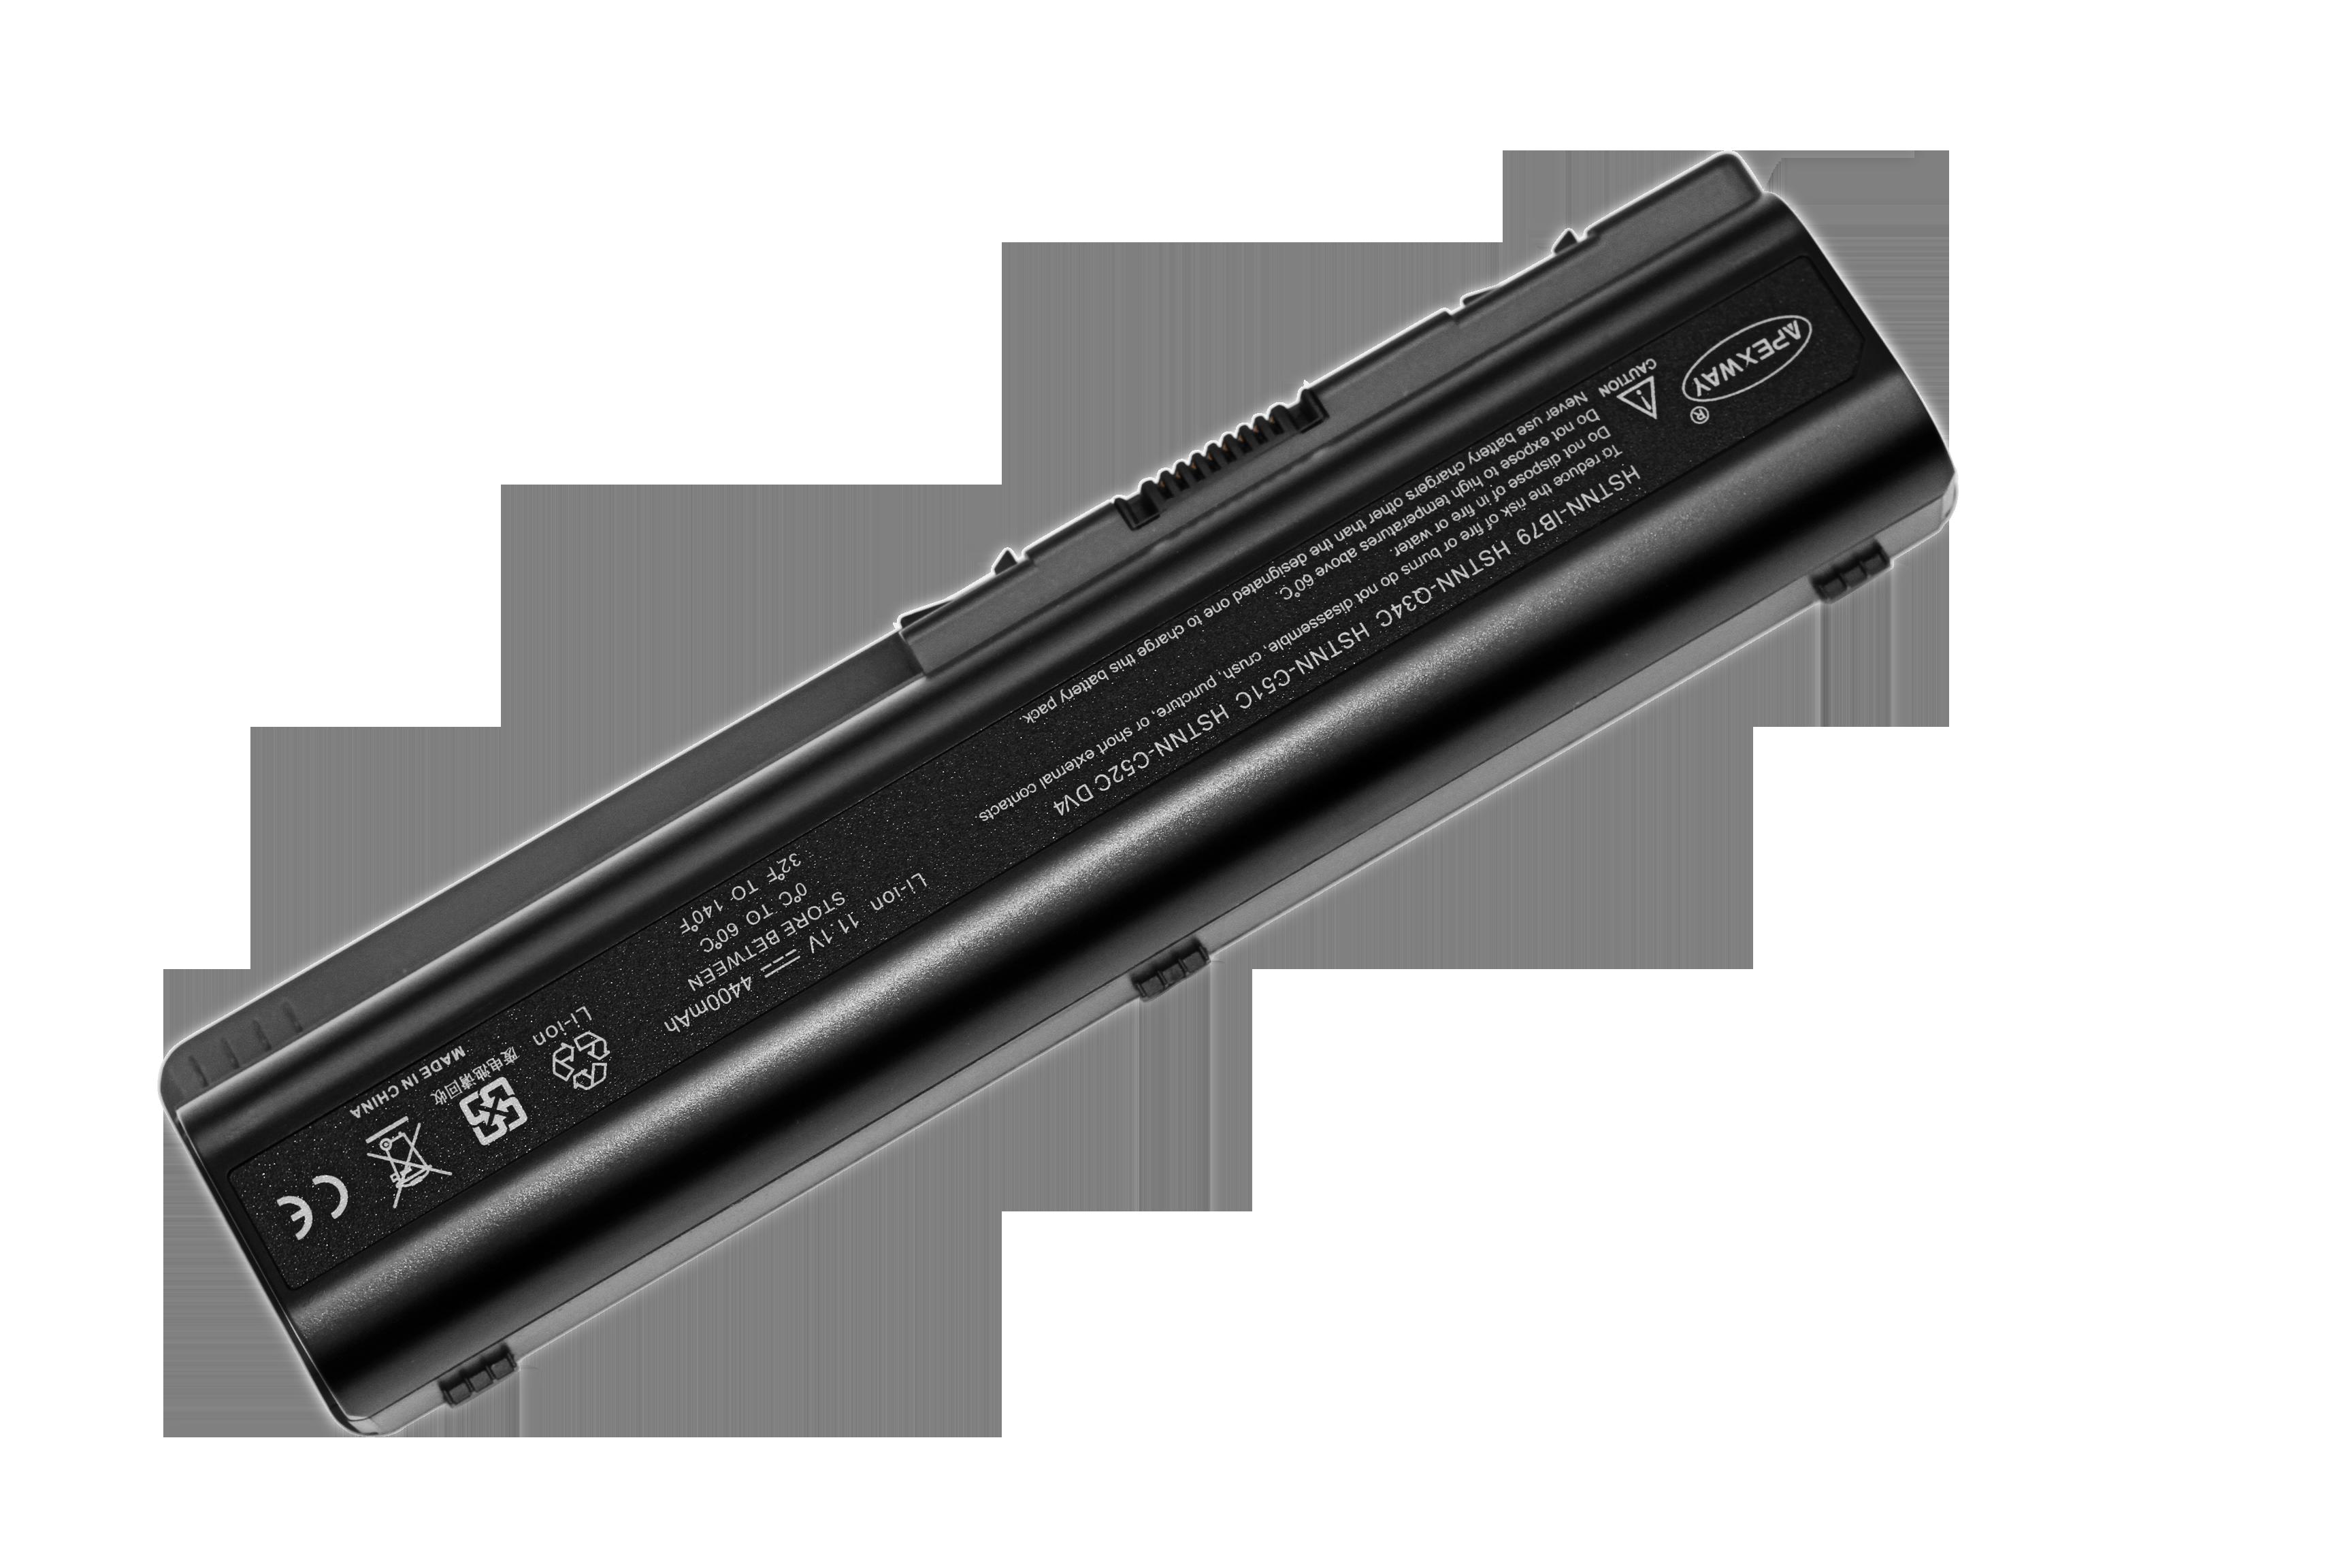 11.1v batterie D'ordinateur Portable pour HP Pavilion dv4i dv6 HDX16t dv5 dv4 G50 G61 G71 HSTNN-DB73 HSTNN-IB79 HSTNN-Q34C HSTNN-IB72 HSTNN-LB72